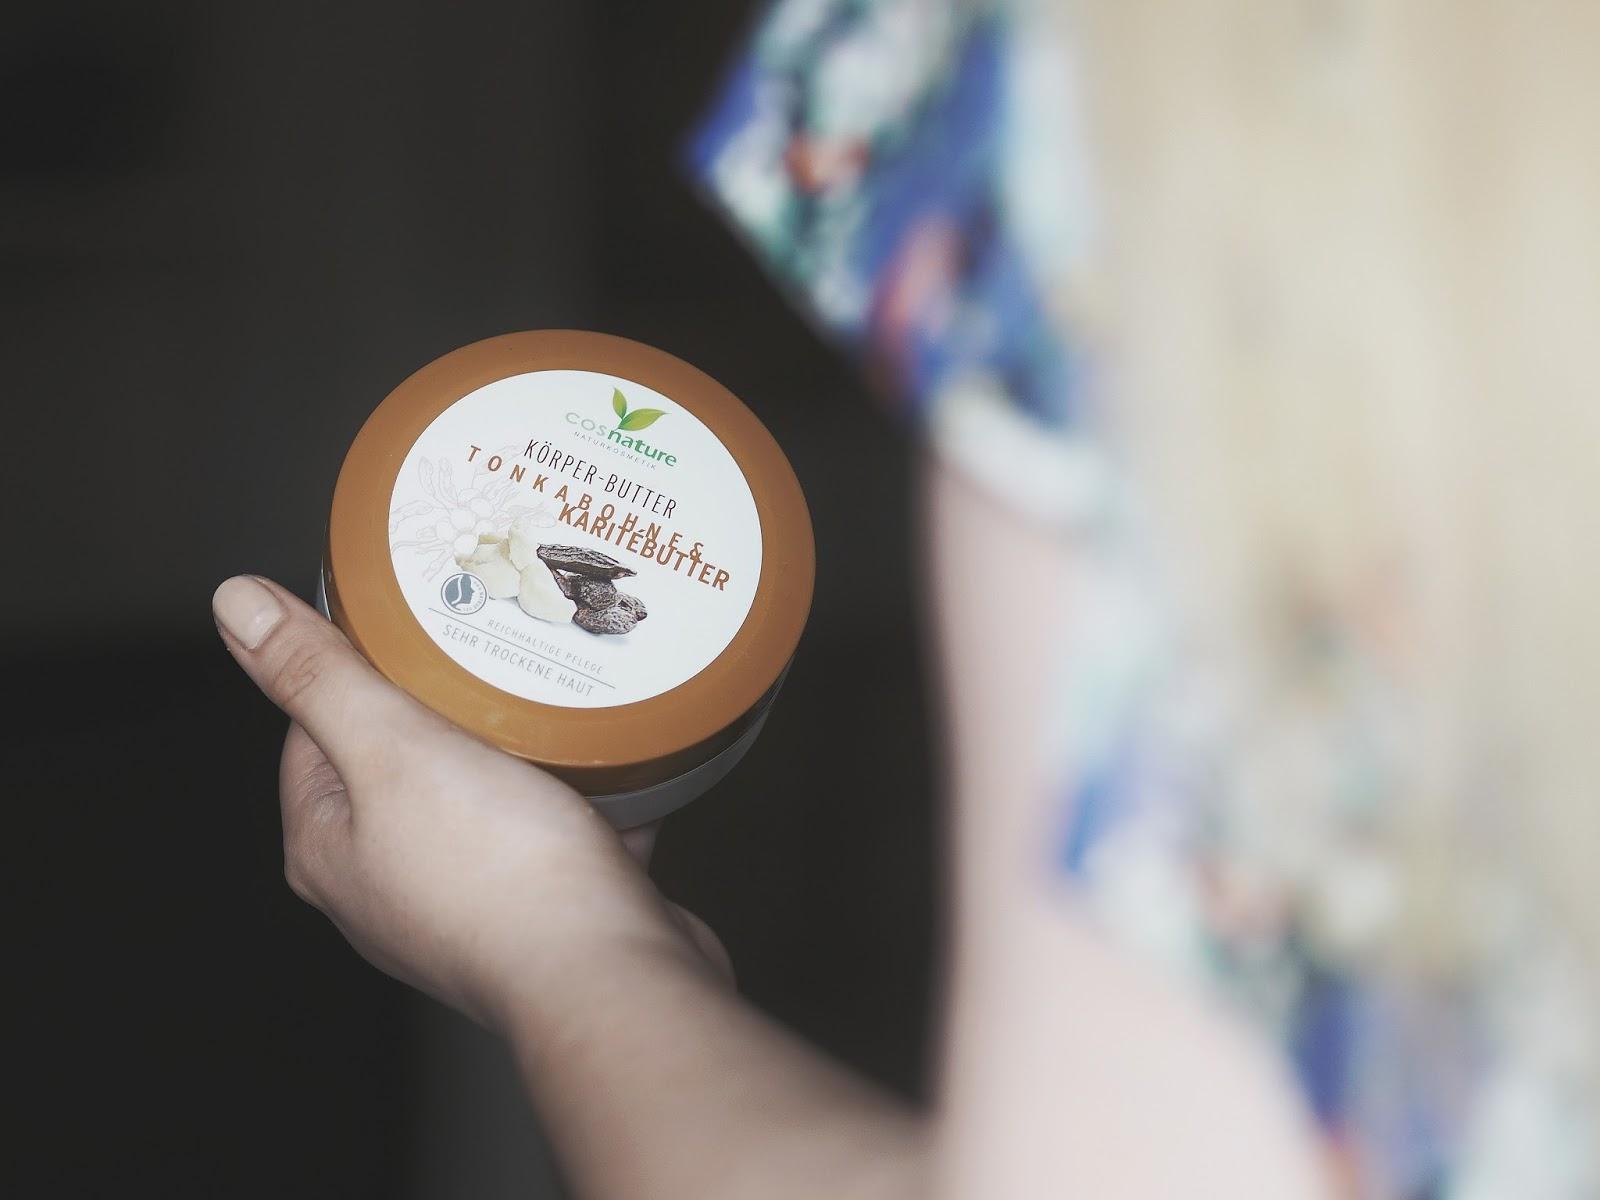 Naturalna, regenerująca maska do włosów z awokado i migdałami. Cosnature Naturalny nawilżający lekko koloryzujący krem z nagietkiem  Naturalna pianka oczyszczająca 3 w 1 z cytryną i melisą. Naturalne odżywcze masło do ciała z masłem shea i tonką